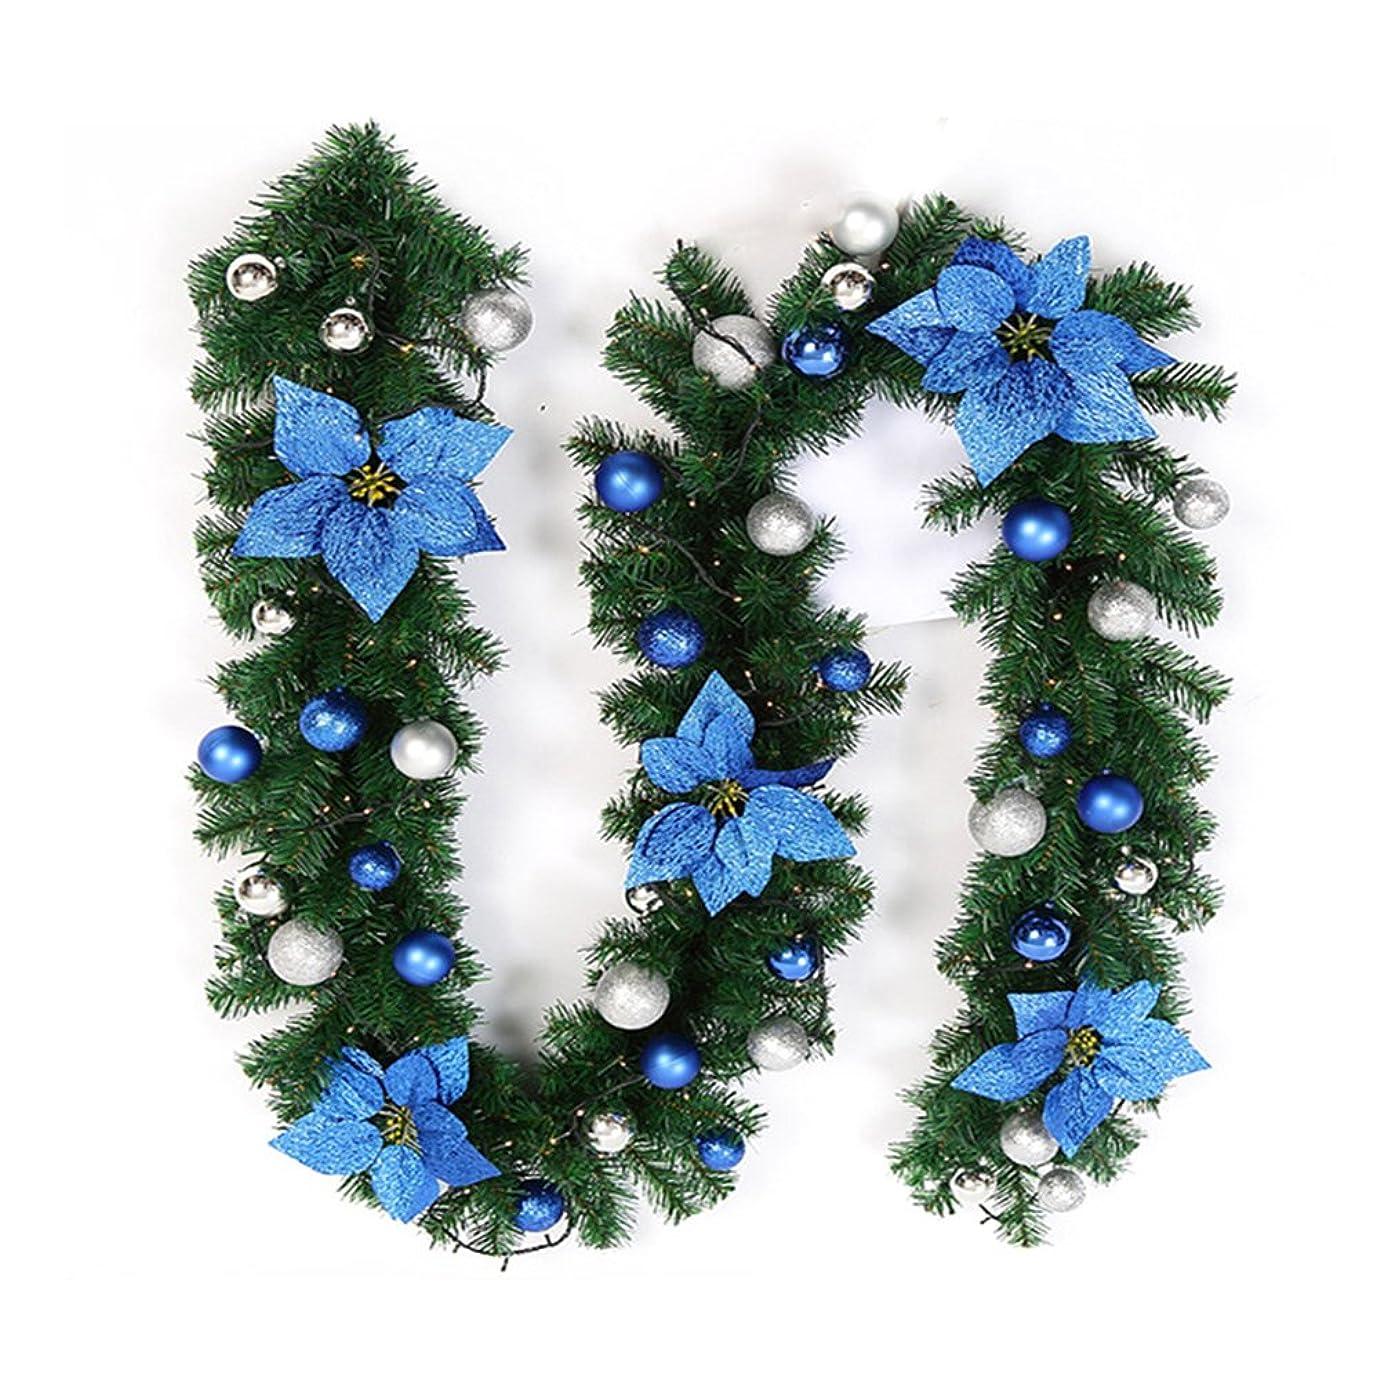 処分した推進買い手Enjoygojp270cmクリスマスリース モール ライト付き クリスマス 飾り ガーランド クリスマス 飾り キャンディー ライト付き 電池式 植物 喫茶店 飲食店 柵 階段の手すり ホビー 玄関 ドア 窓 パーティー装飾藤 (ブルー)